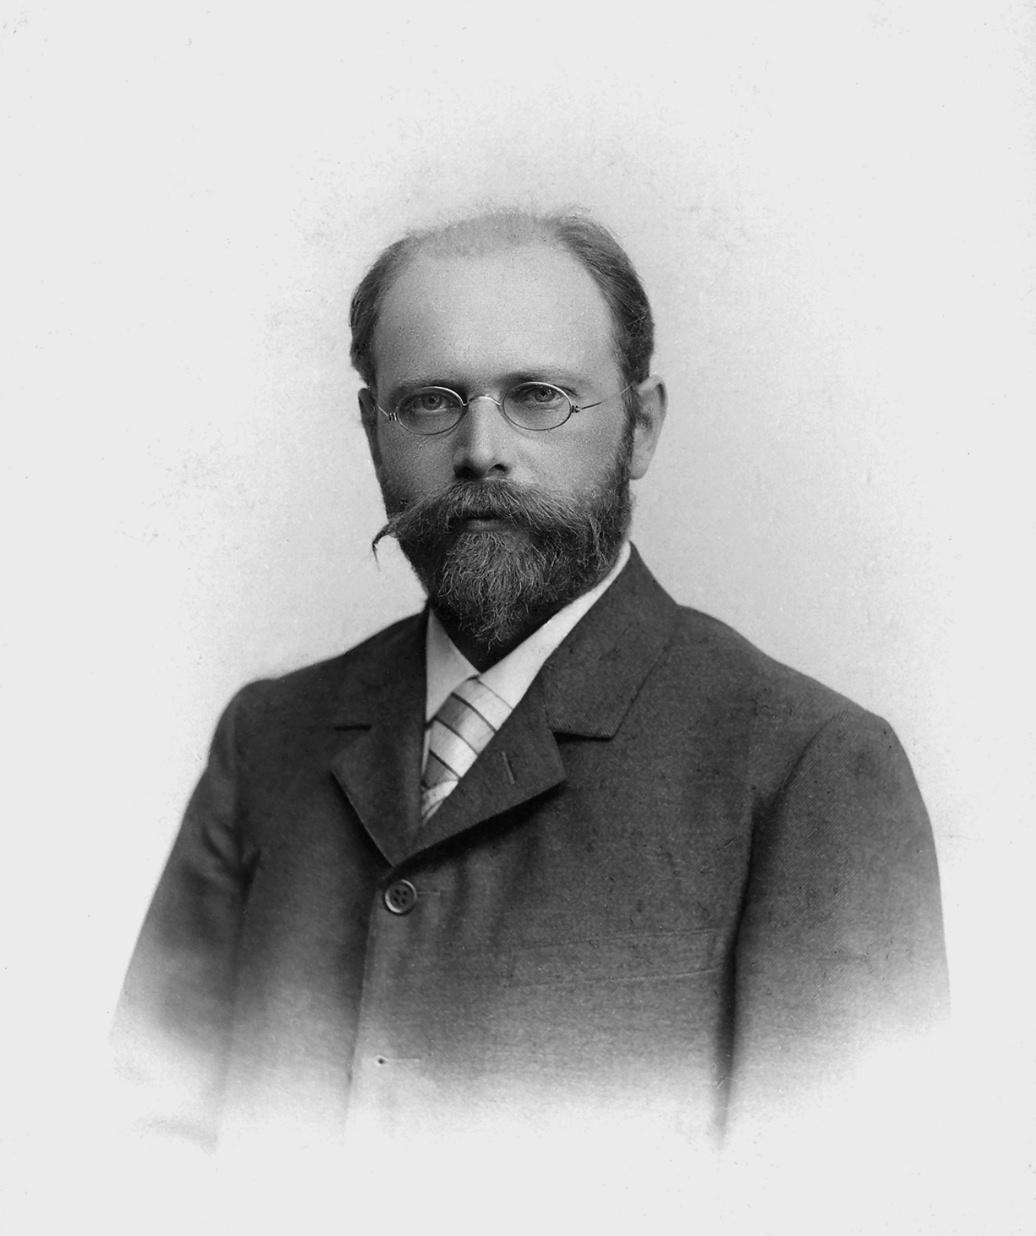 Портрет Сильвио Данини. 1890-е гг. Собственность семьи